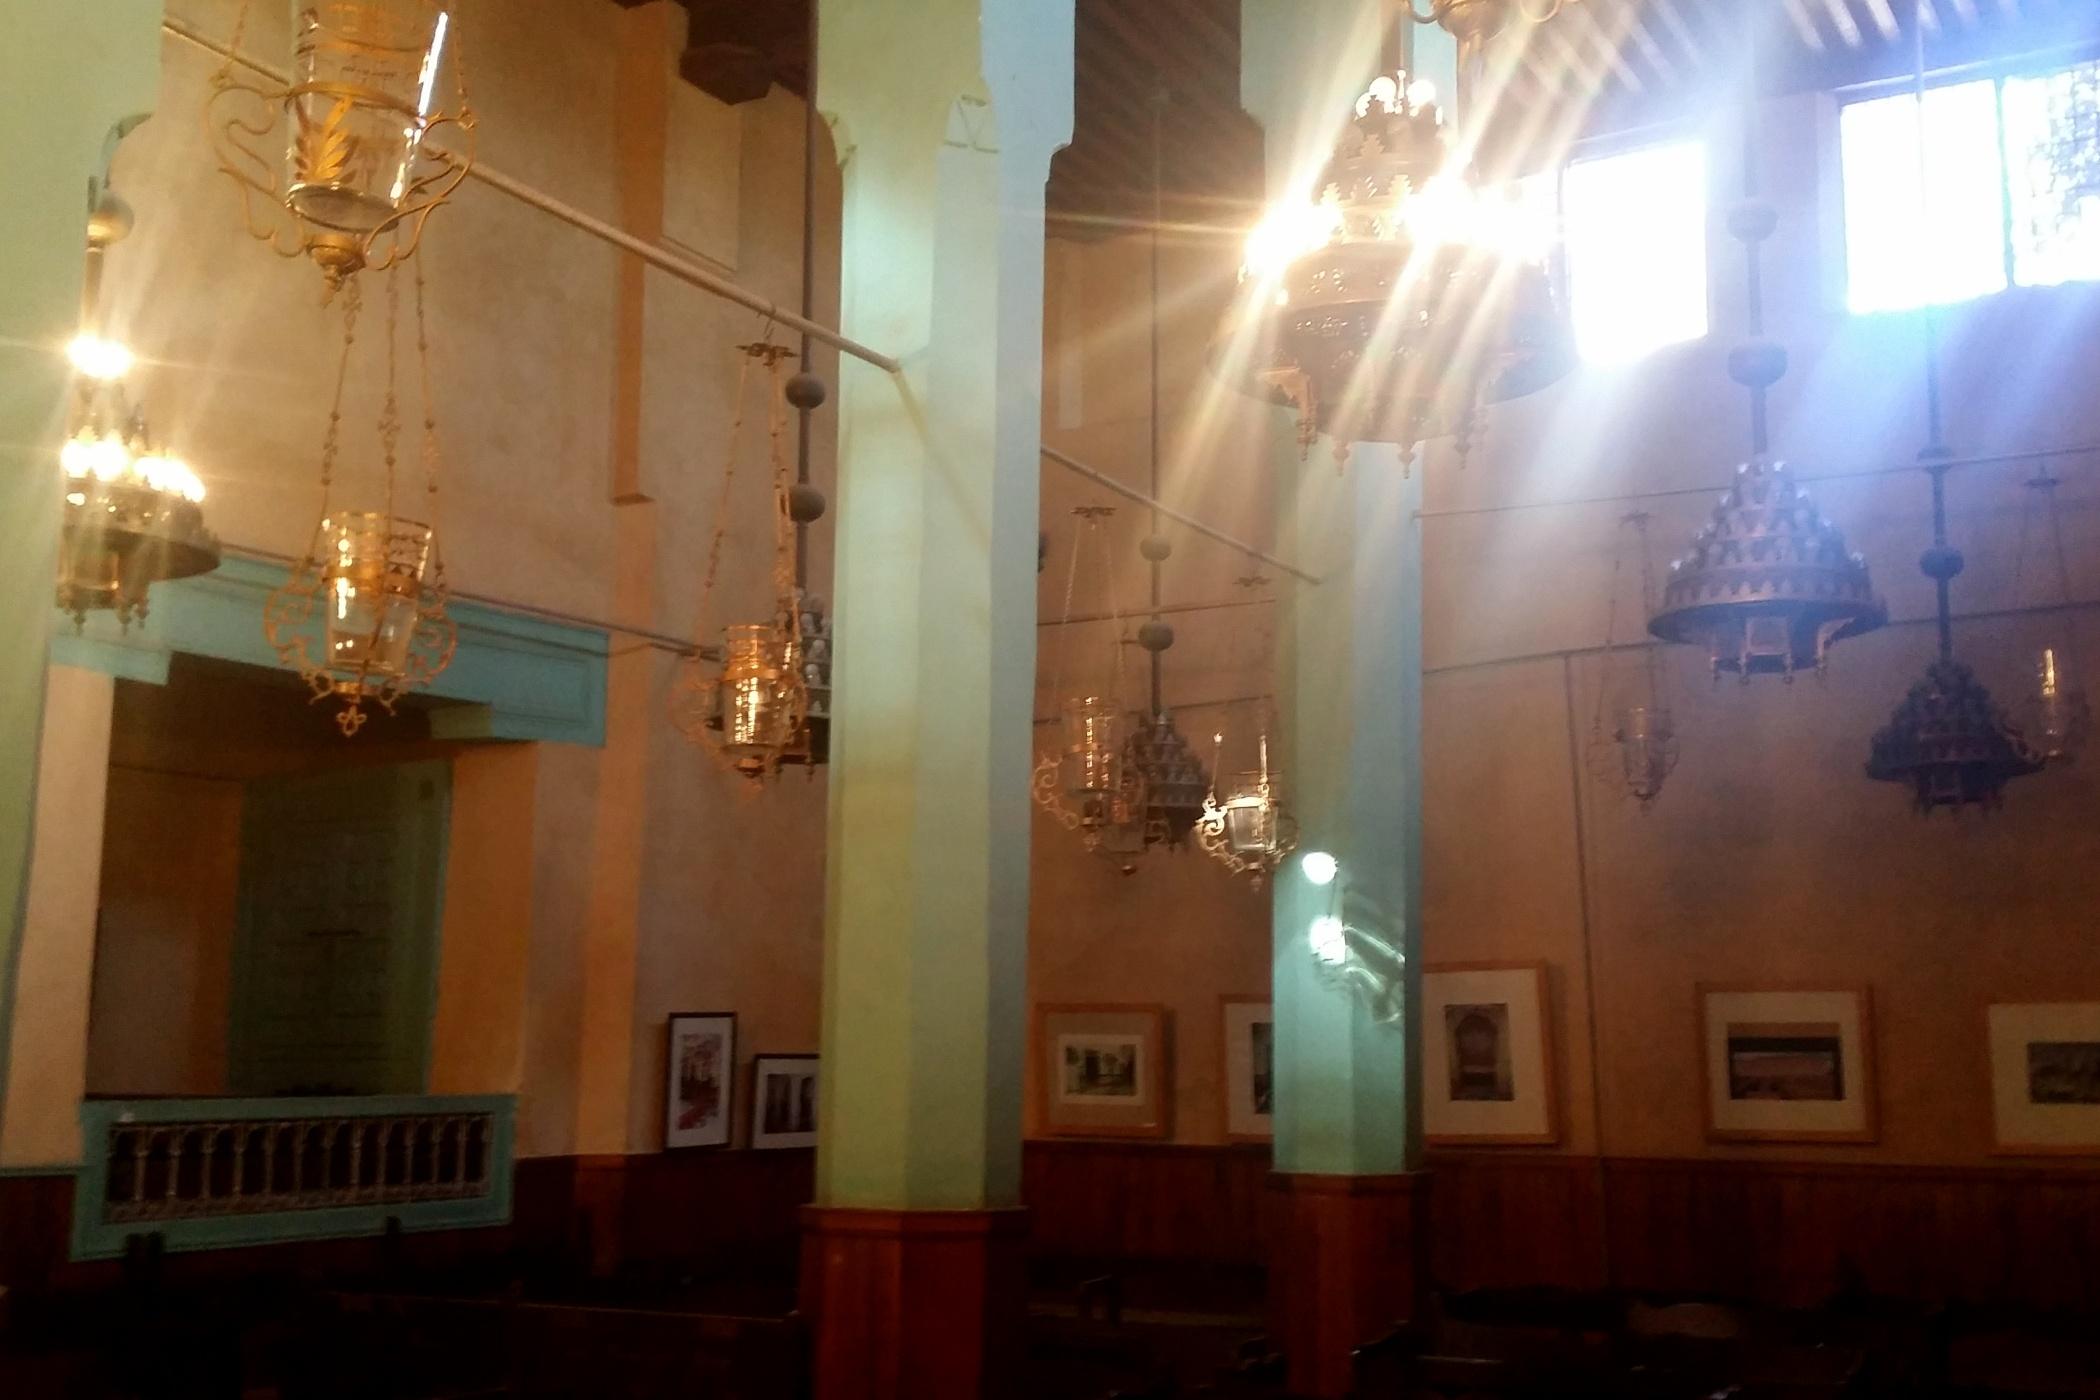 Sluneční paprsky se odrážejí od skleněných a bronzových svícnů lamp visících vedle zelených sloupů